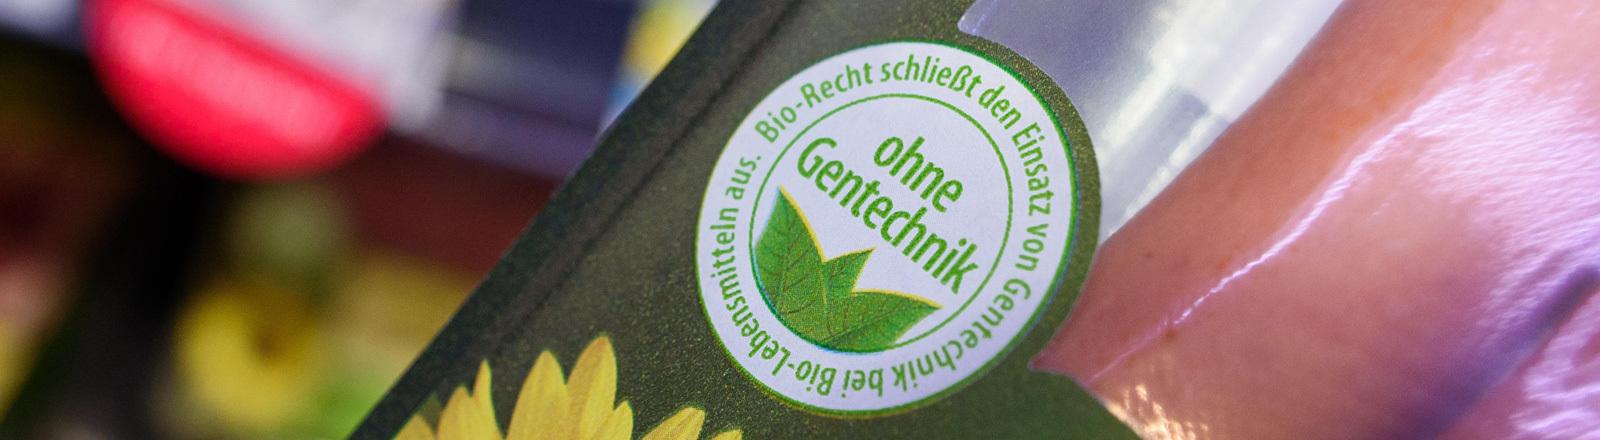 """Ein Ausschnitt einer Würstchenverpackung mit dem Siegel """"Ohne Gentechnik""""."""